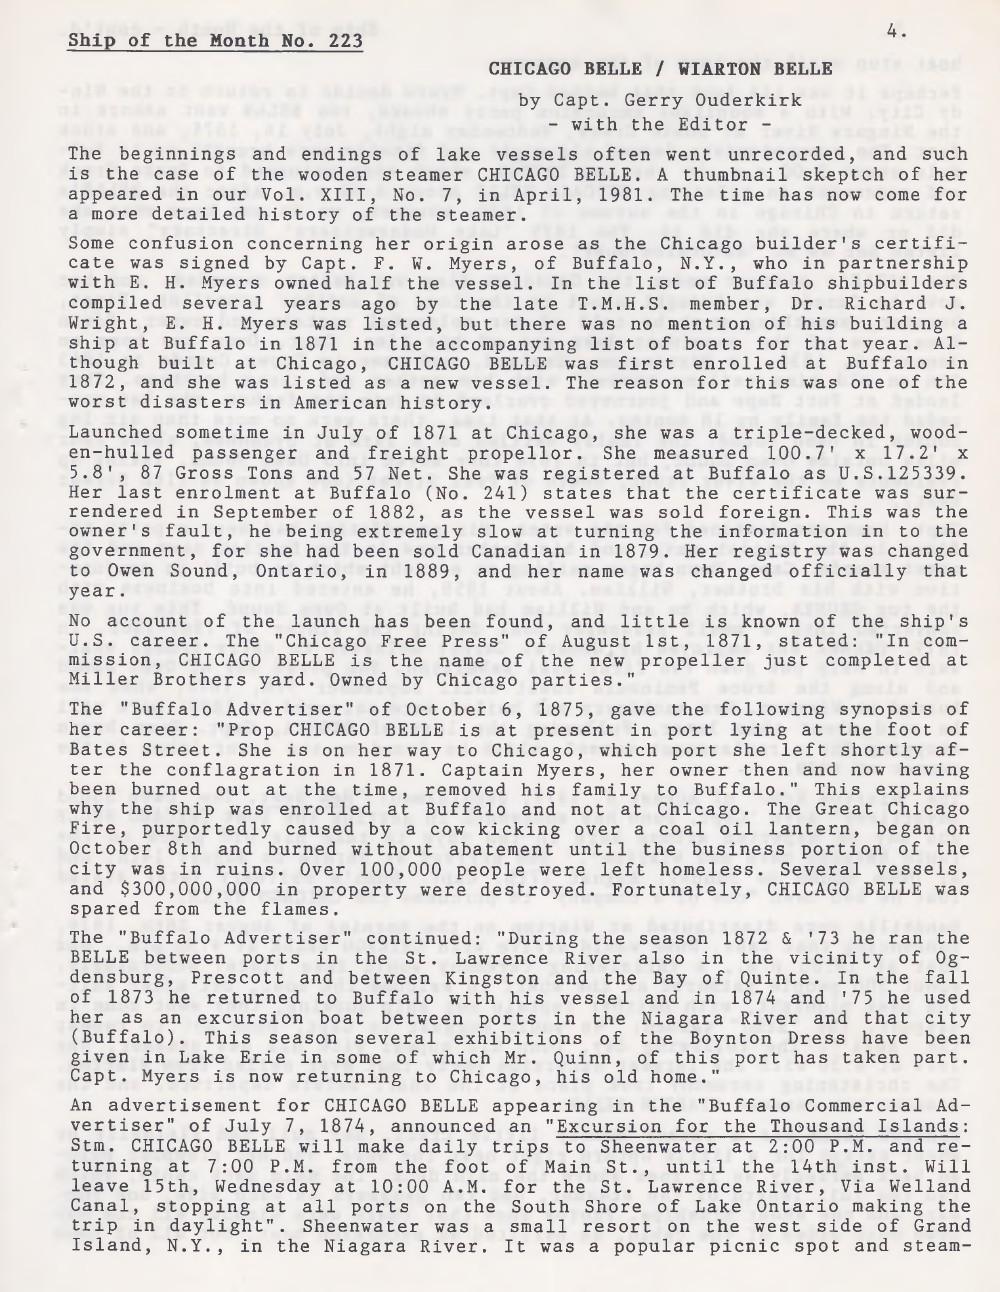 Scanner, v. 28, no. 1 (October 1995)